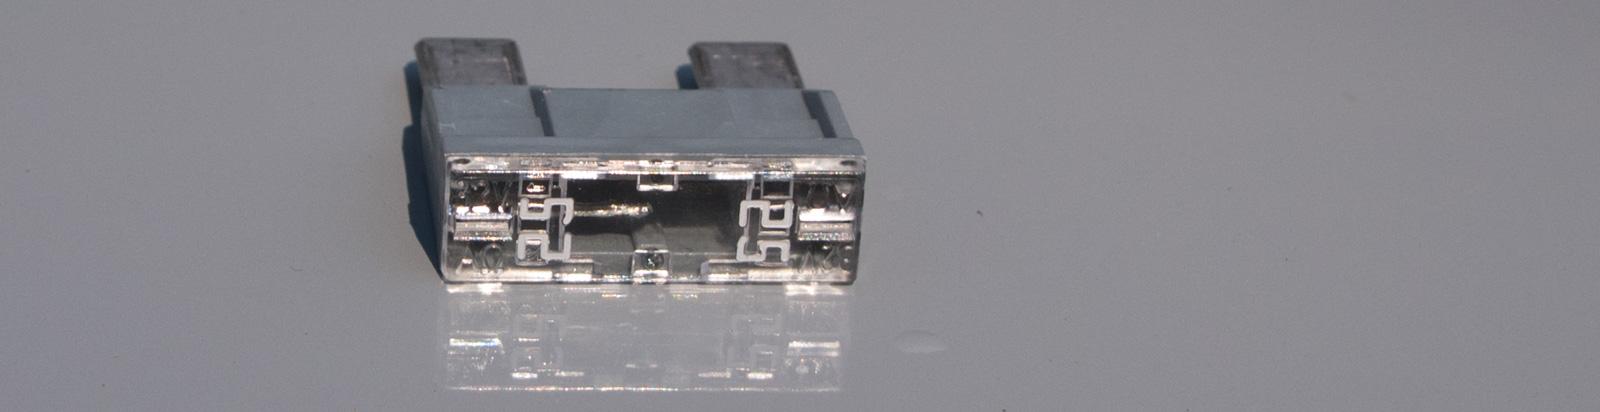 Blown 25 Amp mega fuse